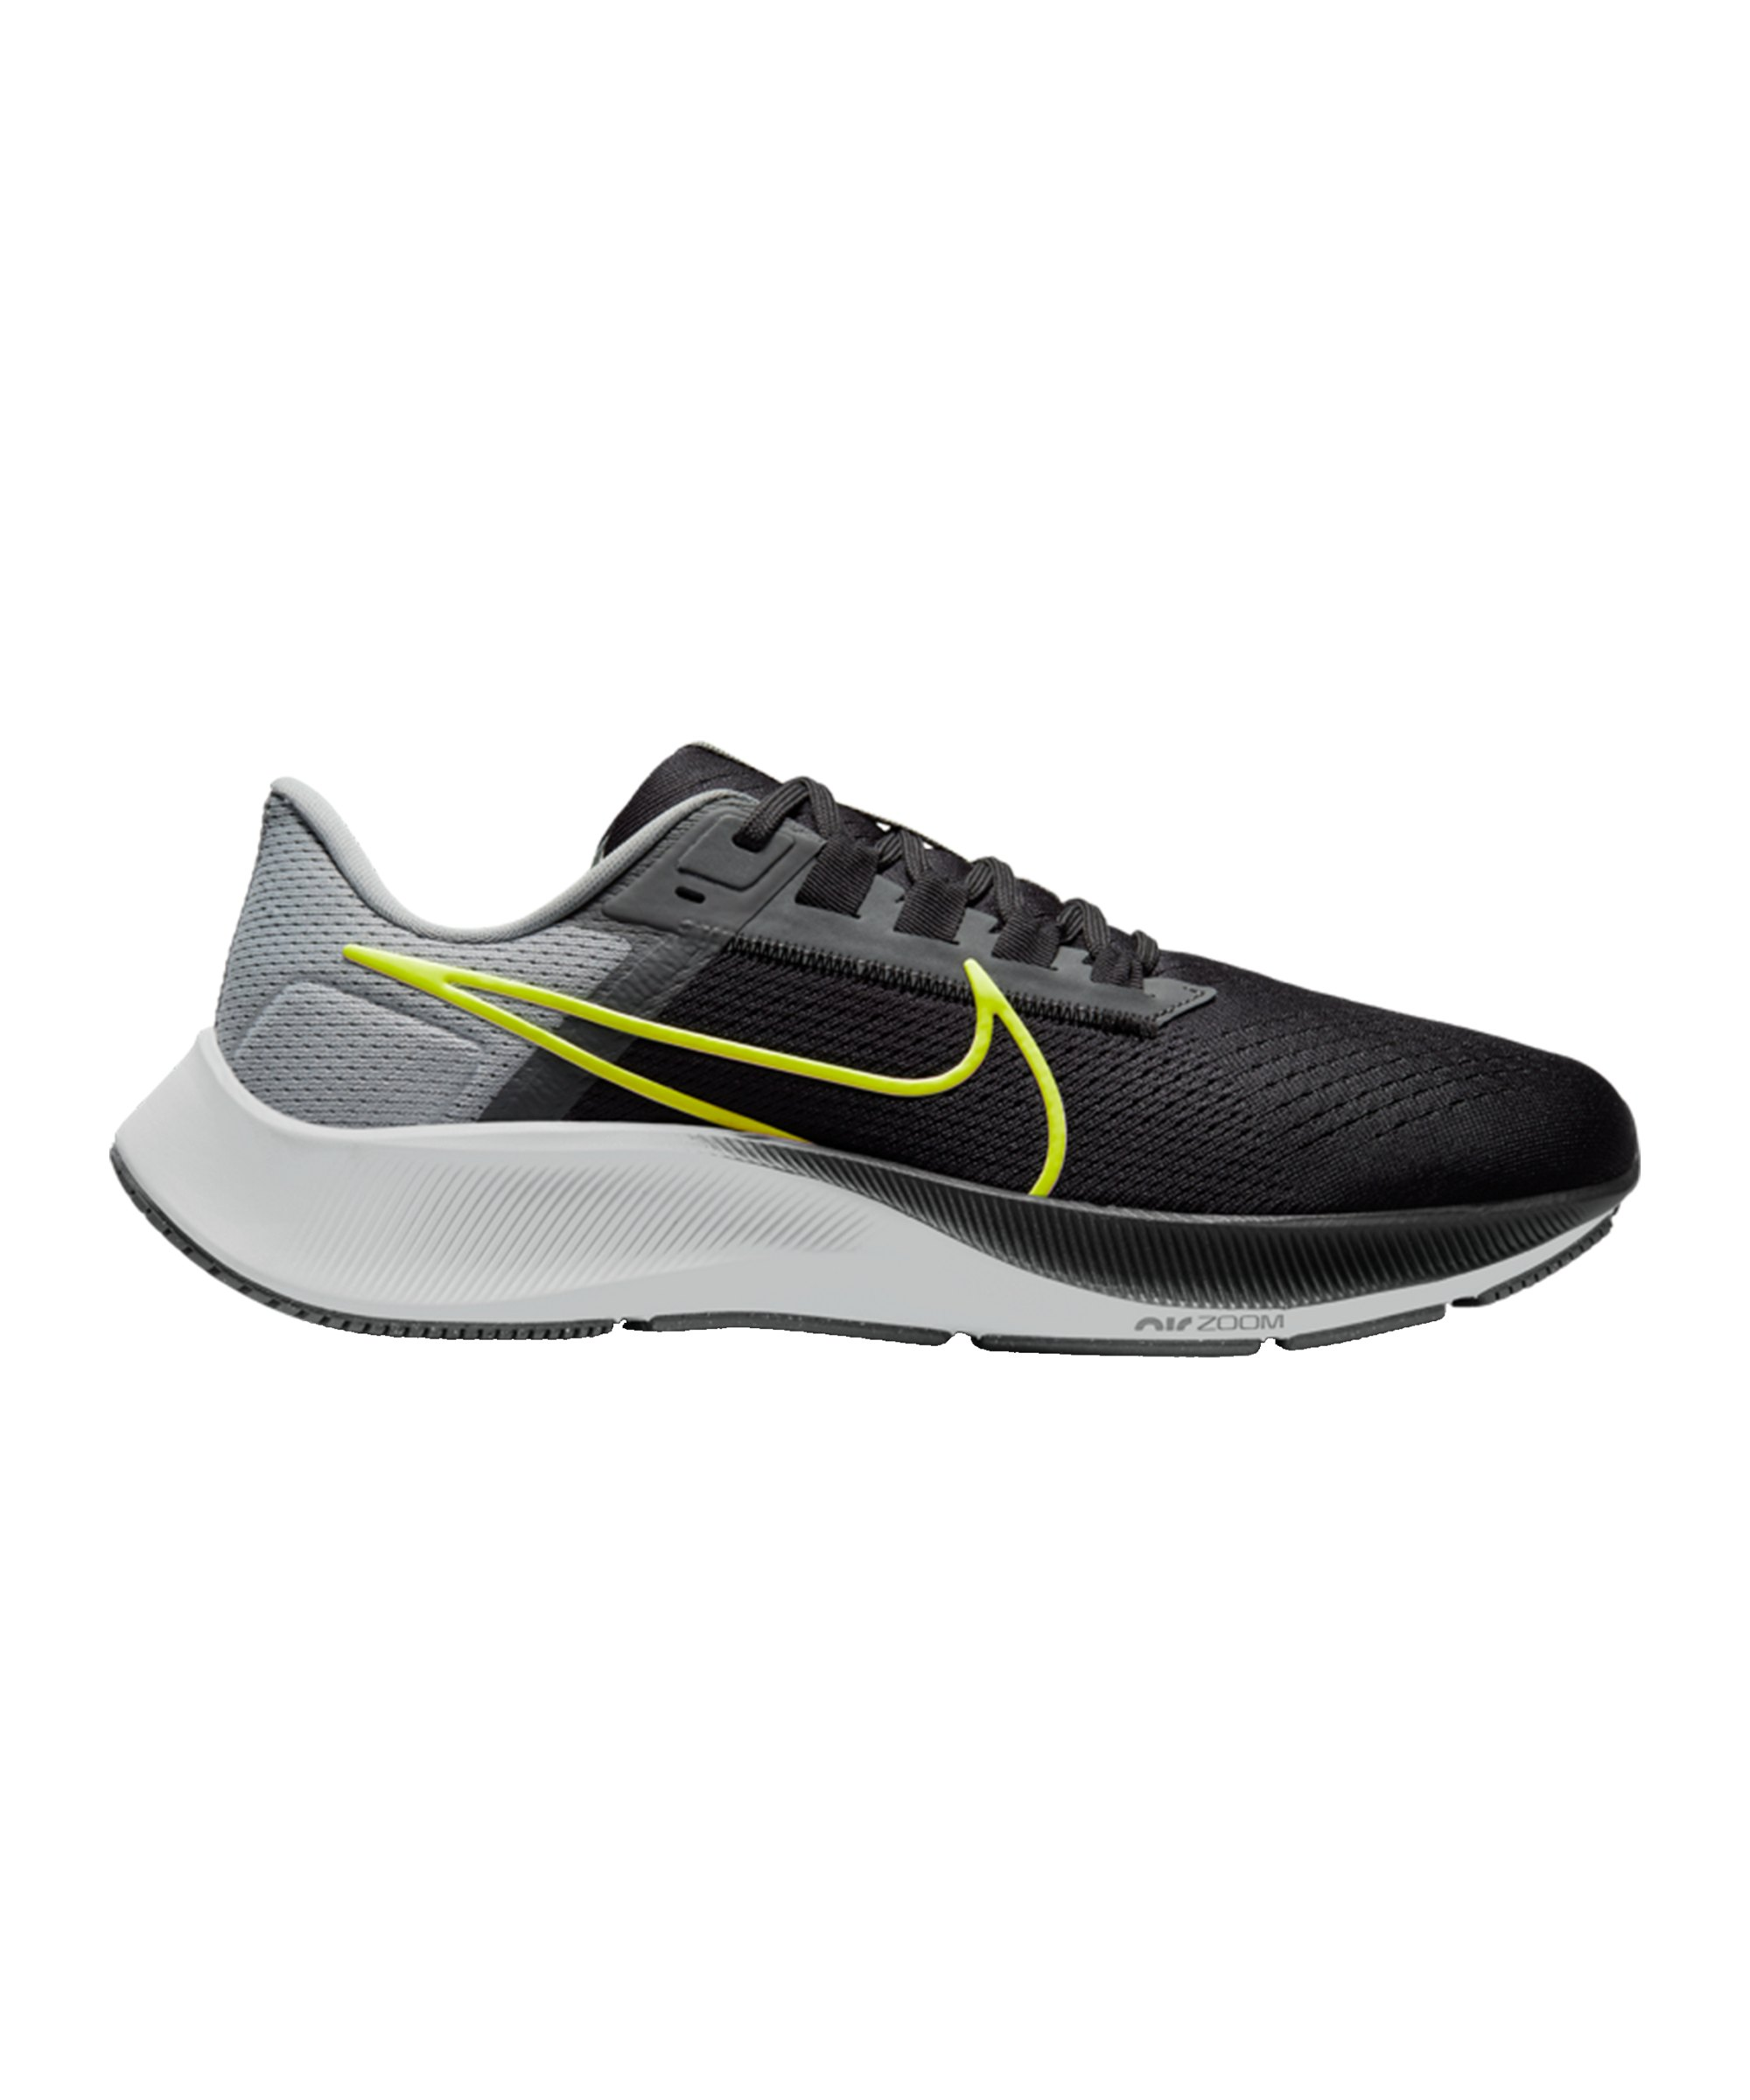 Nike Air Zoom Pegasus 38 Running Grau F005 - grau